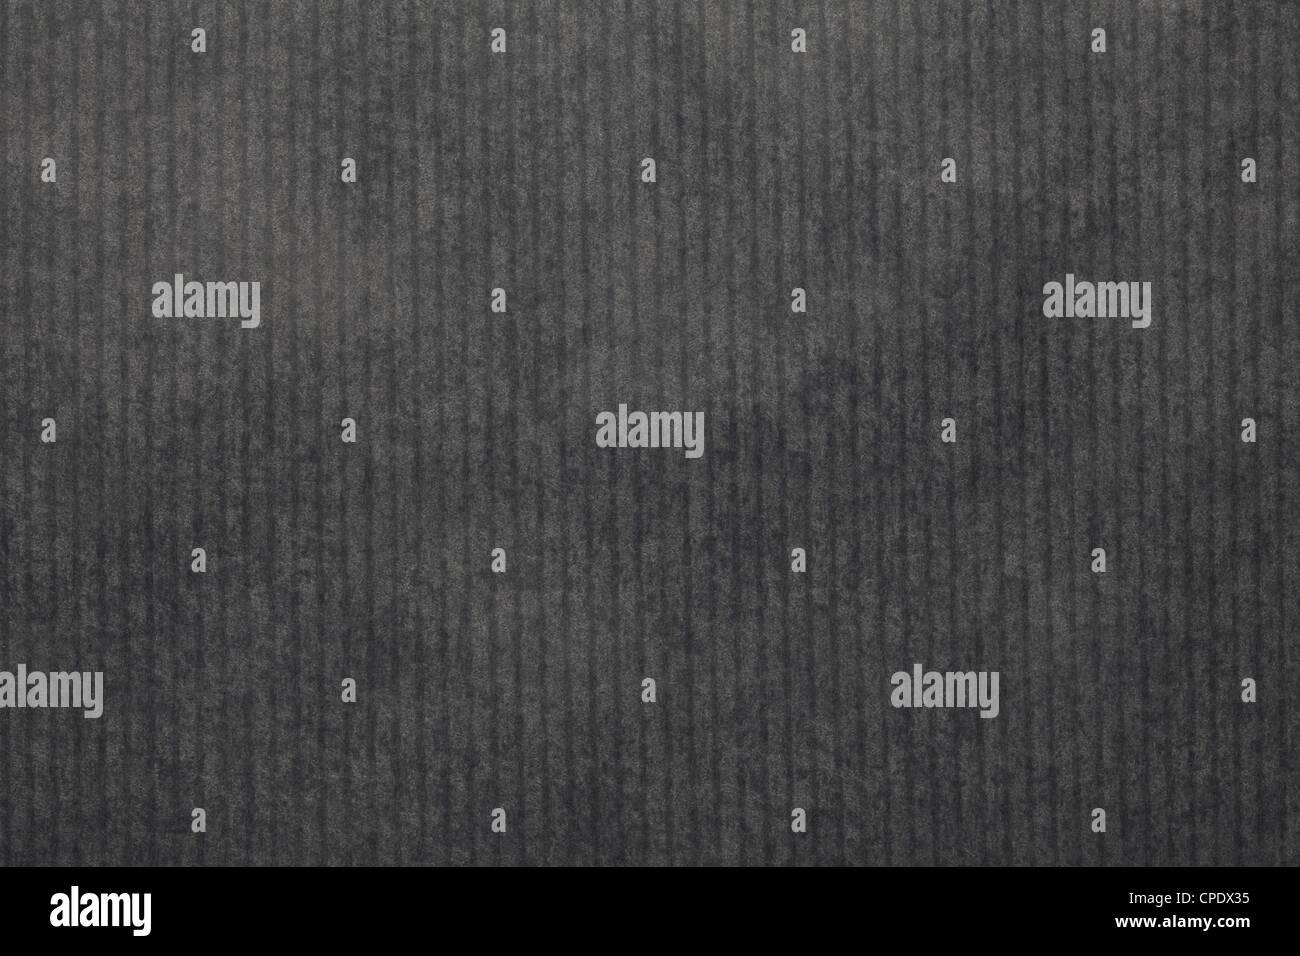 Textura del papel de fondo negro con rayas Imagen De Stock